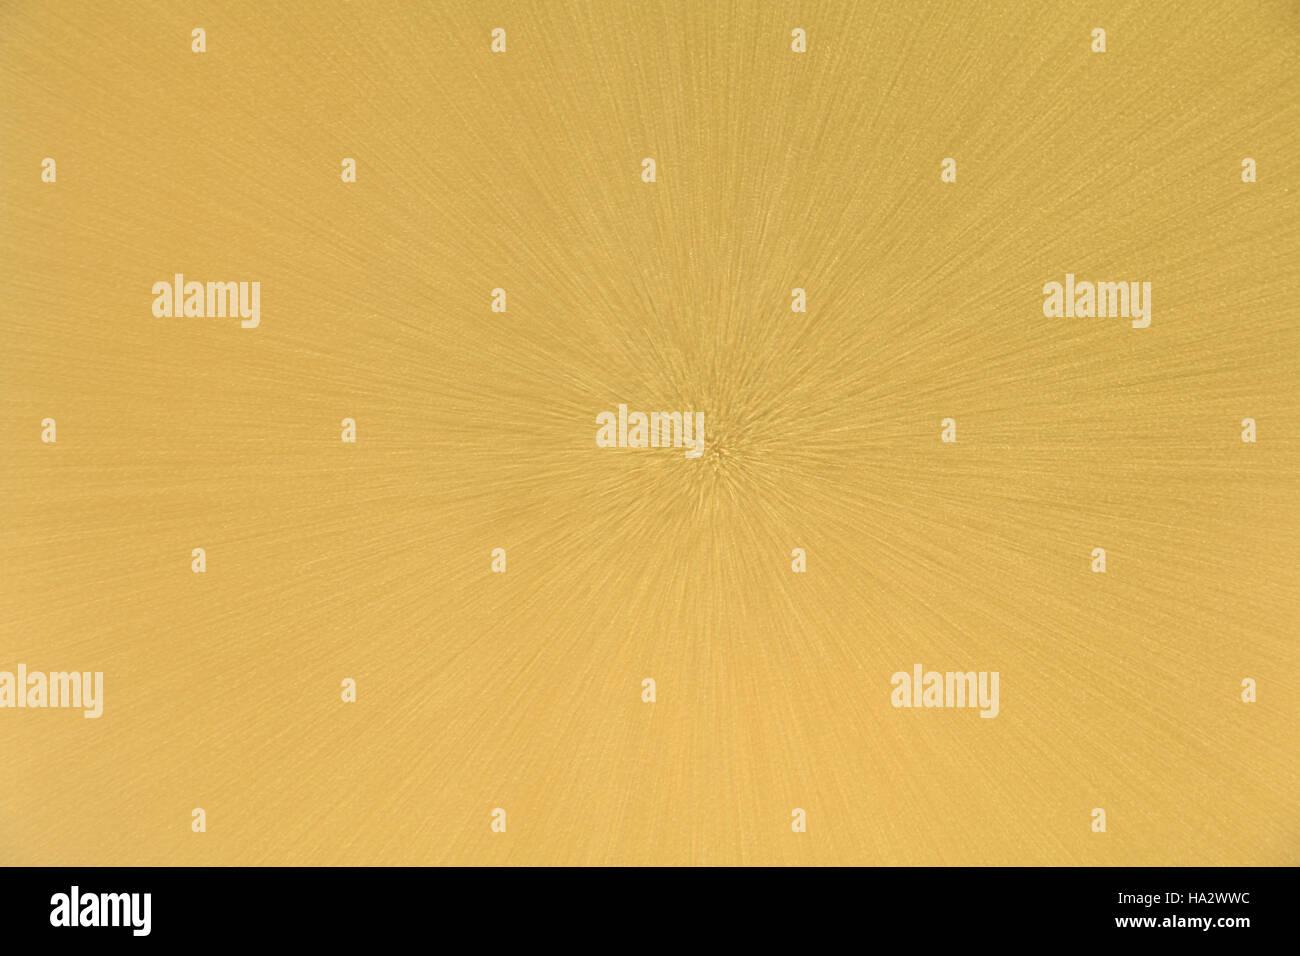 Zusammenfassung Hintergrund Gold Strahlung Stockbild